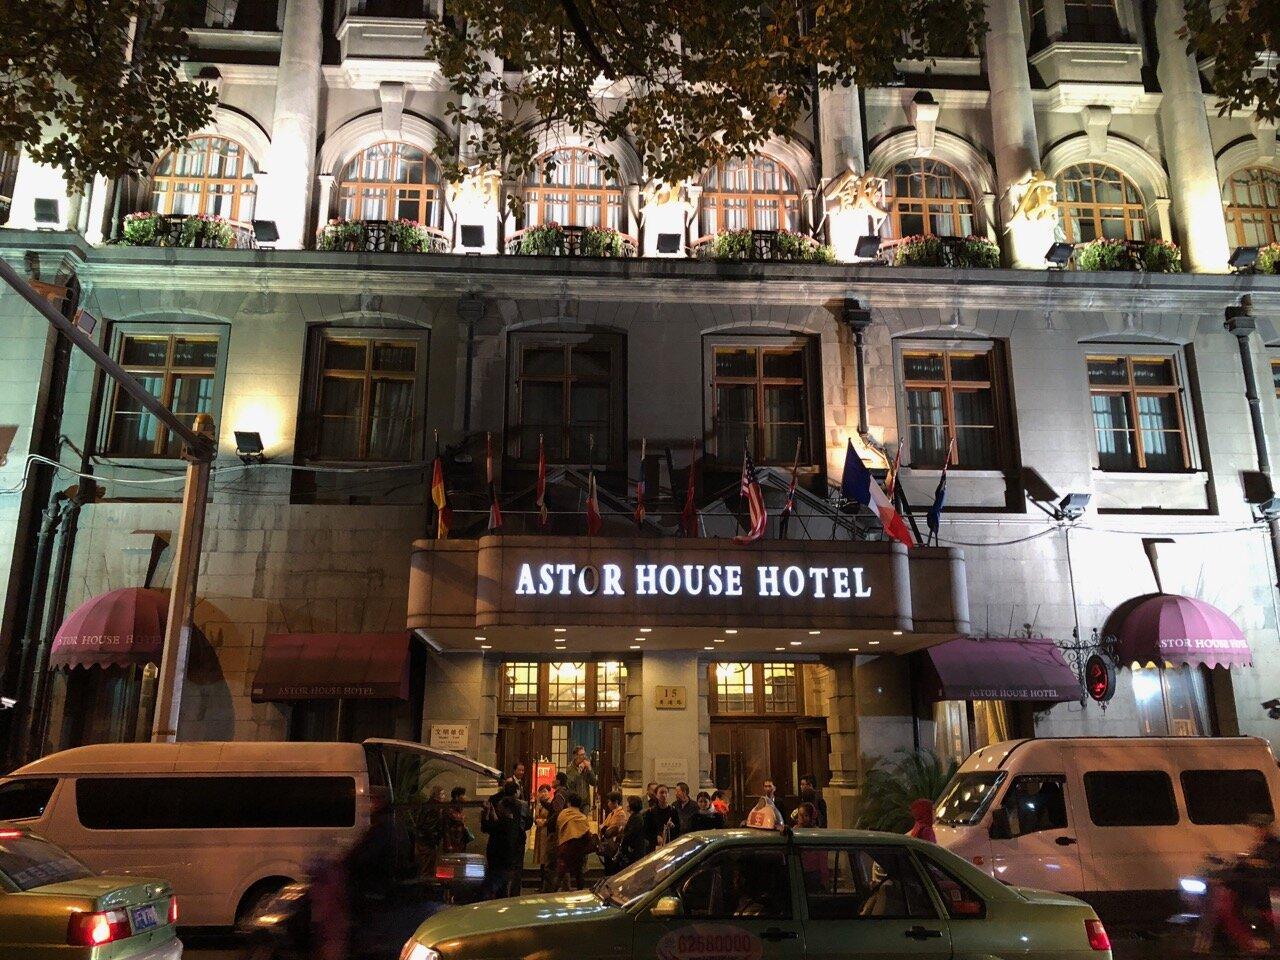 Nighttime exterior of Astor House taken in 2017